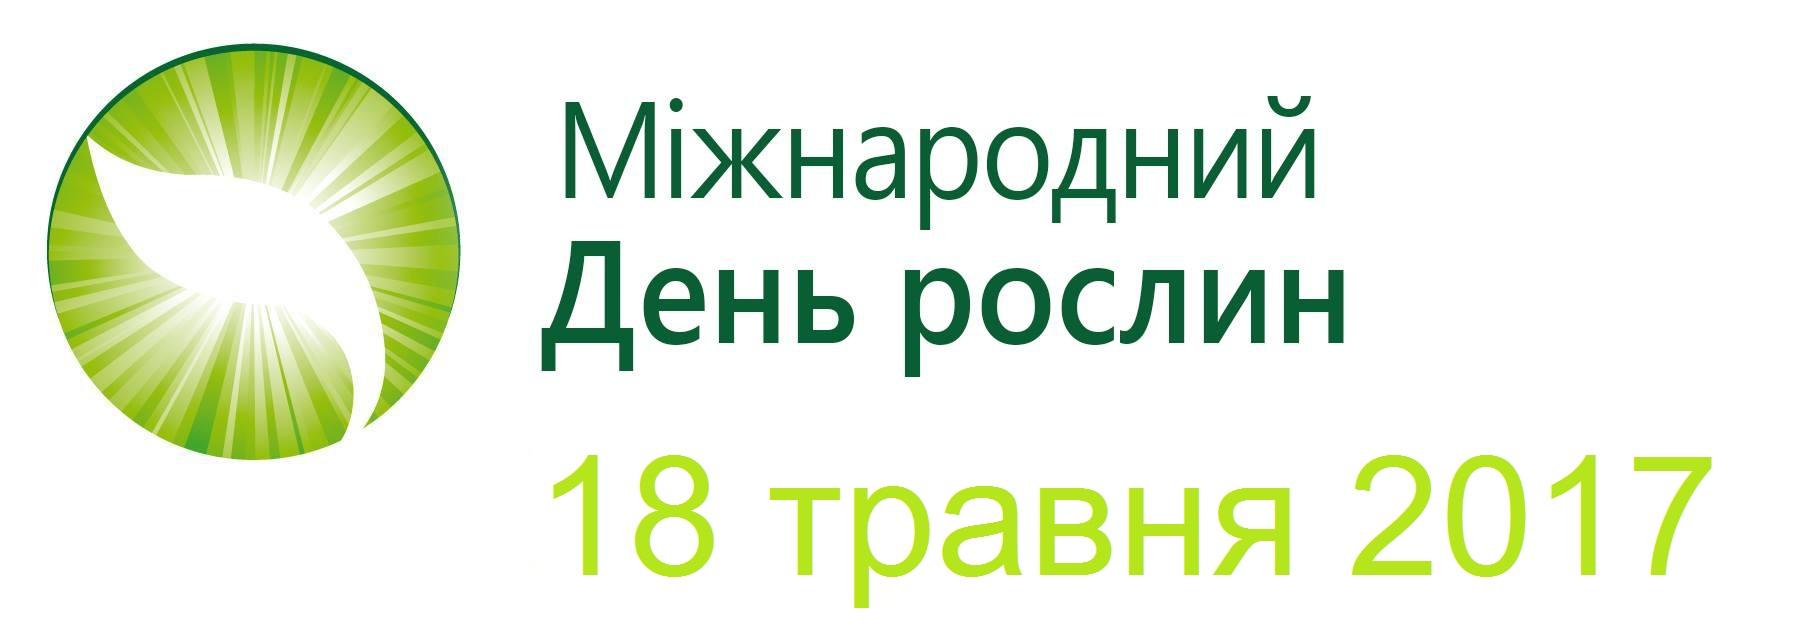 4-й Міжнародний День рослин (Fascination of Plants Day) в Україні